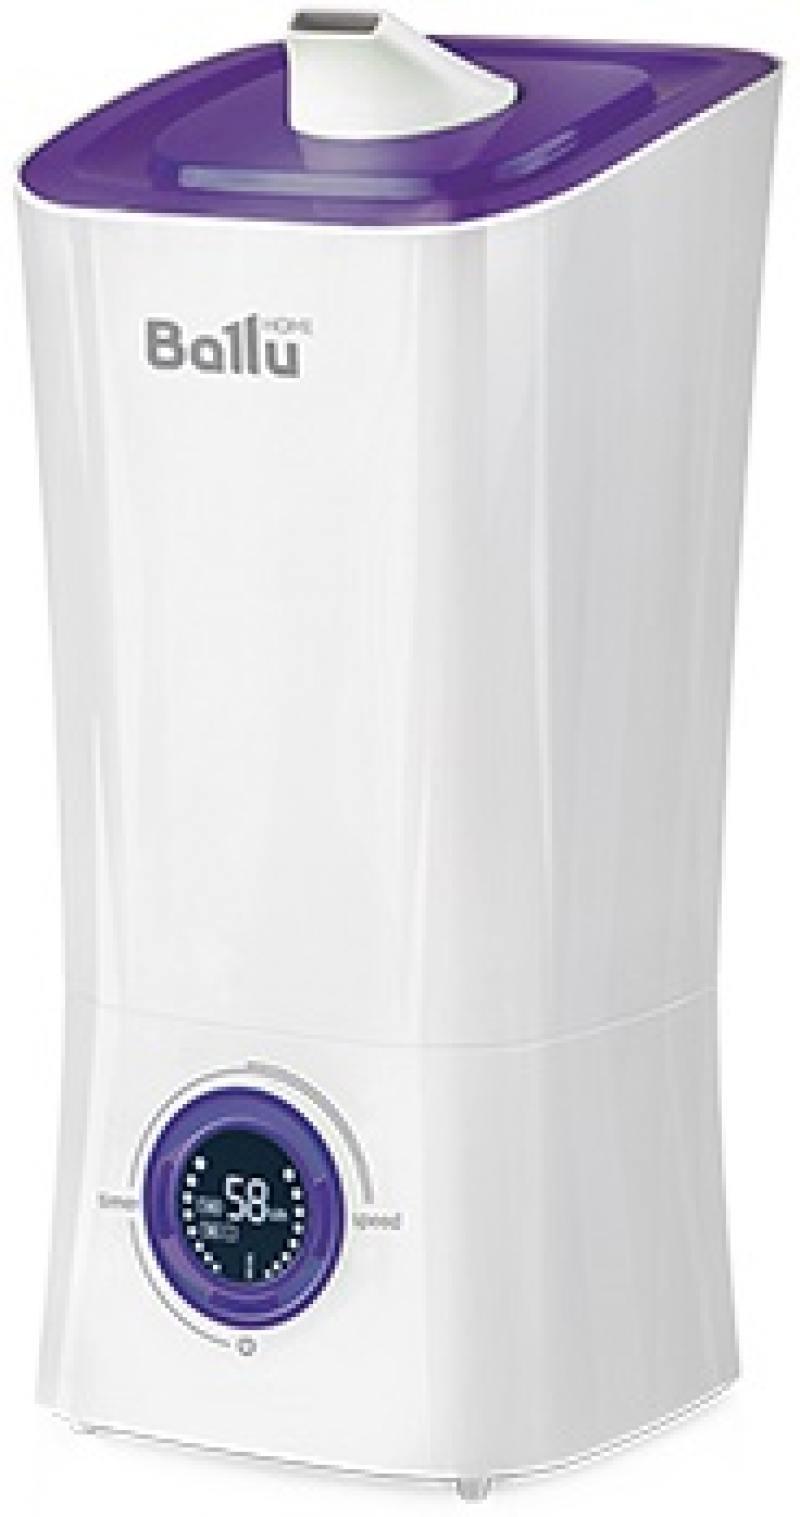 Фото - Увлажнитель воздуха BALLU UHB-205 белый фиолетовый medisana ultrabreeze увлажнитель воздуха